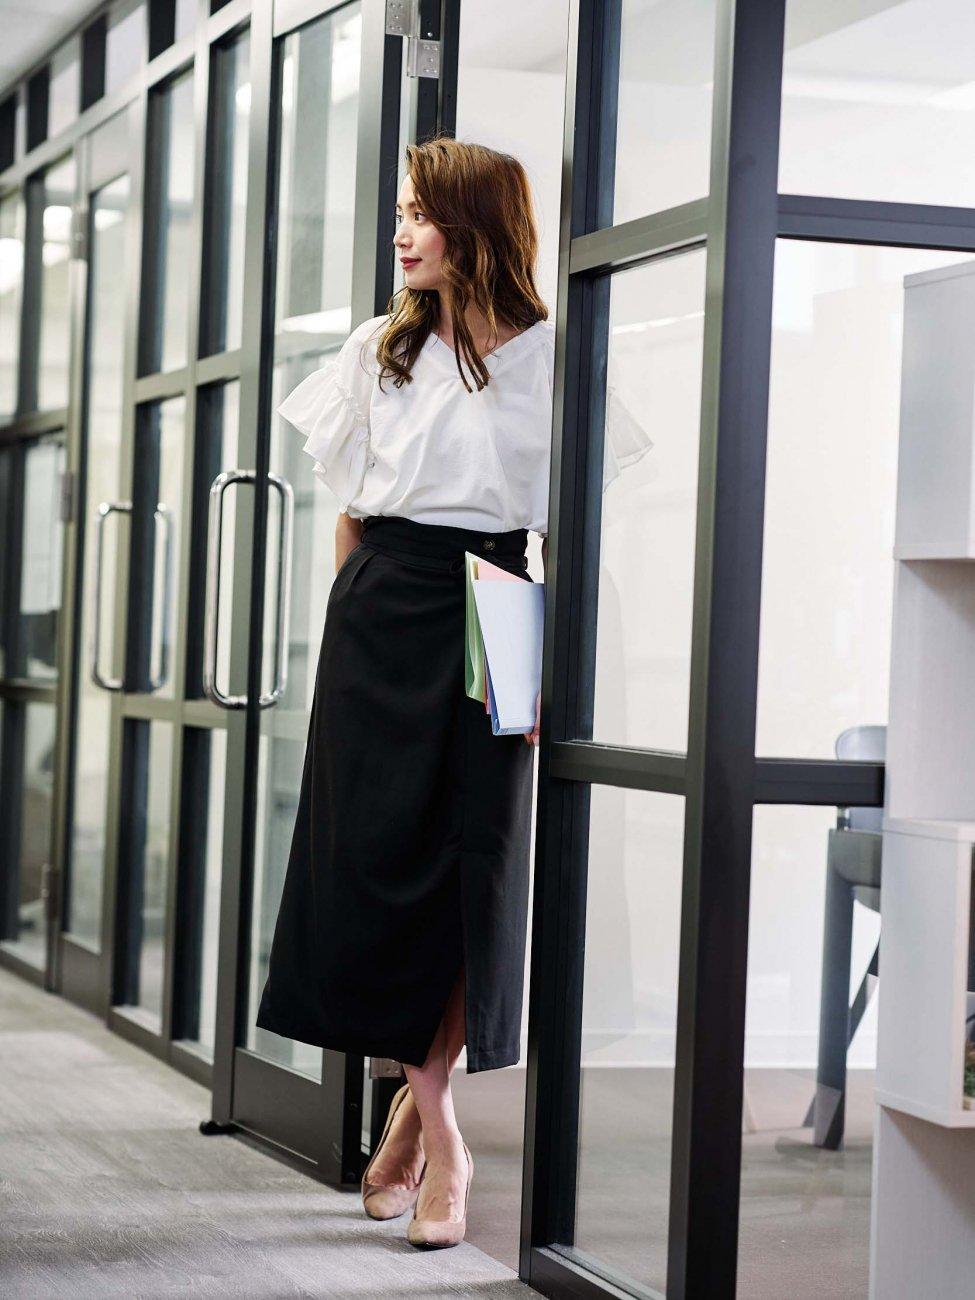 ラップ風スカート×フリル袖ブラウス